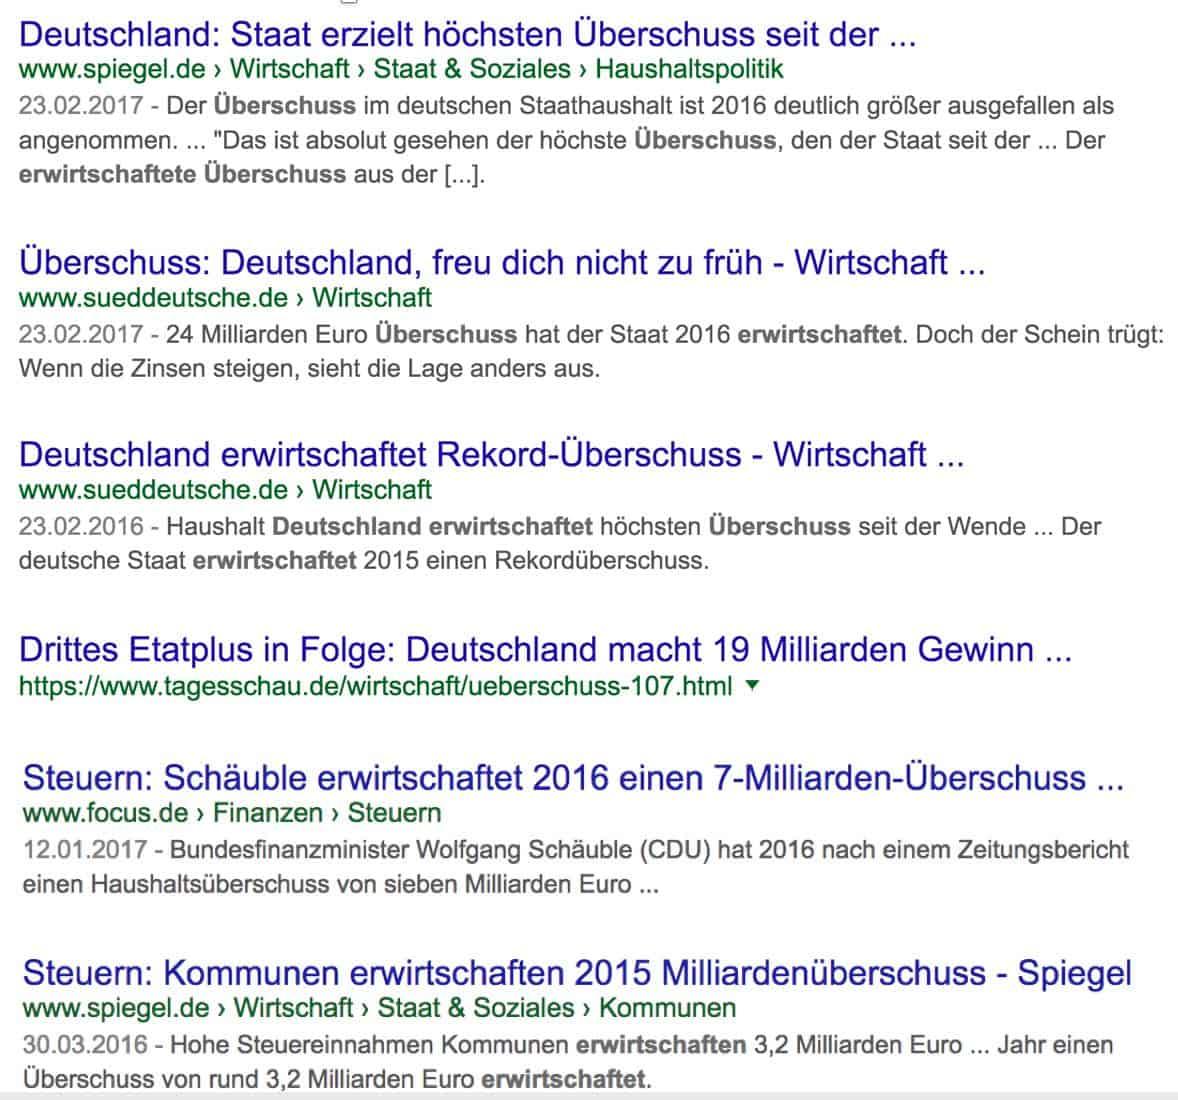 Fake News Beispiel Deutsche Leitmedien ERWIRTSCHAFTEN